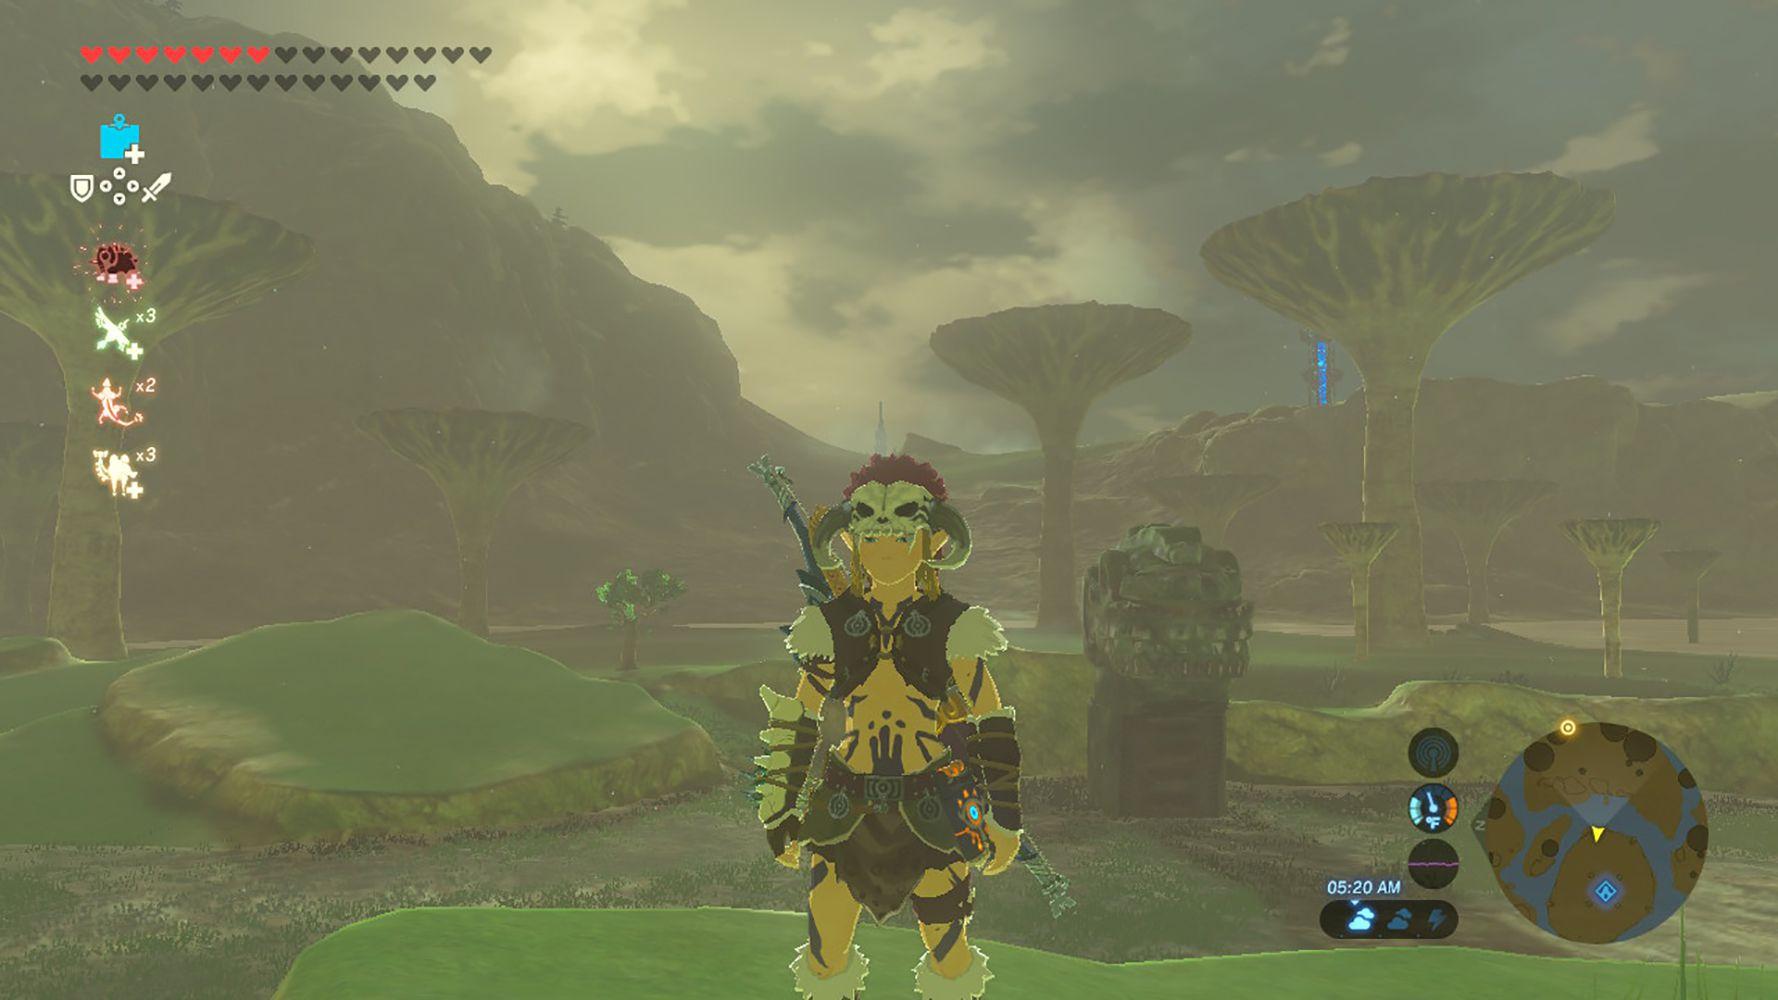 Screenshot of the Barbarian Armor in Zelda: BOTW